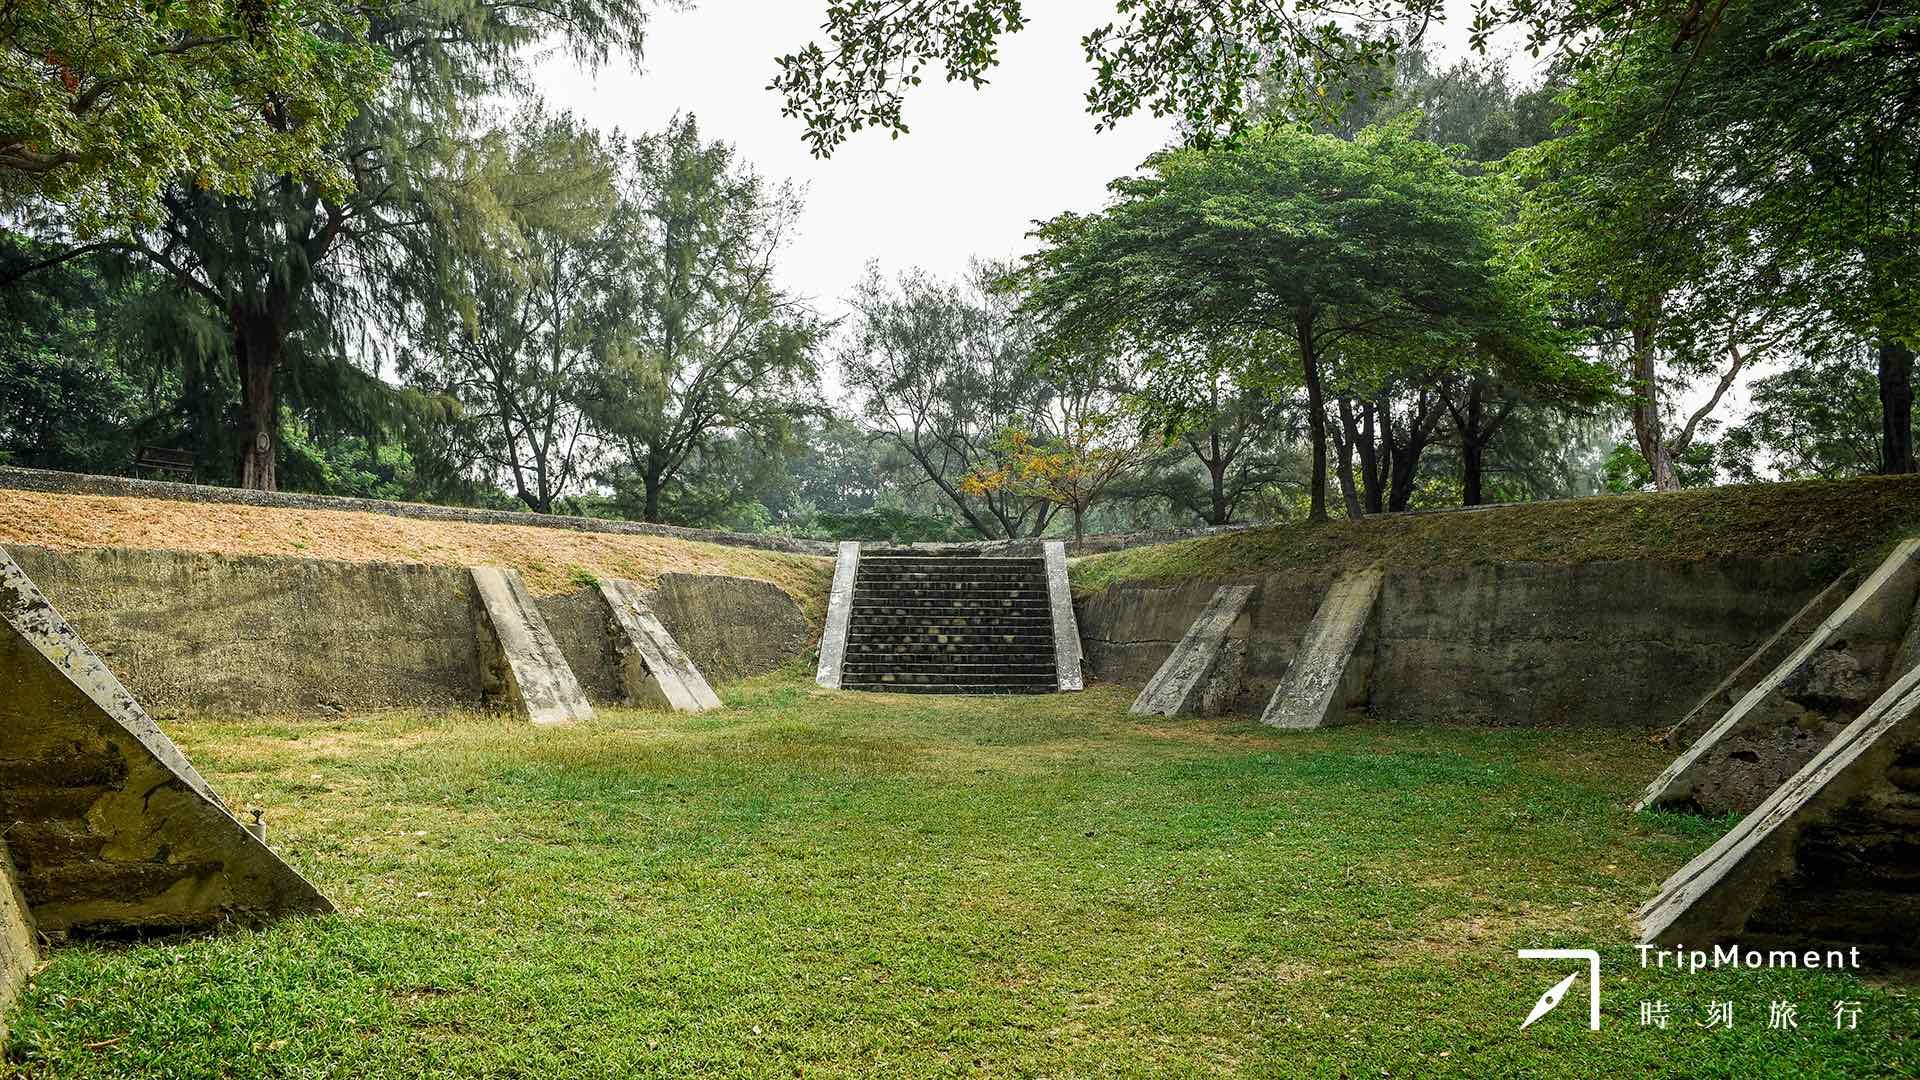 安平億載金城》在古砲台尋找歷史的足跡